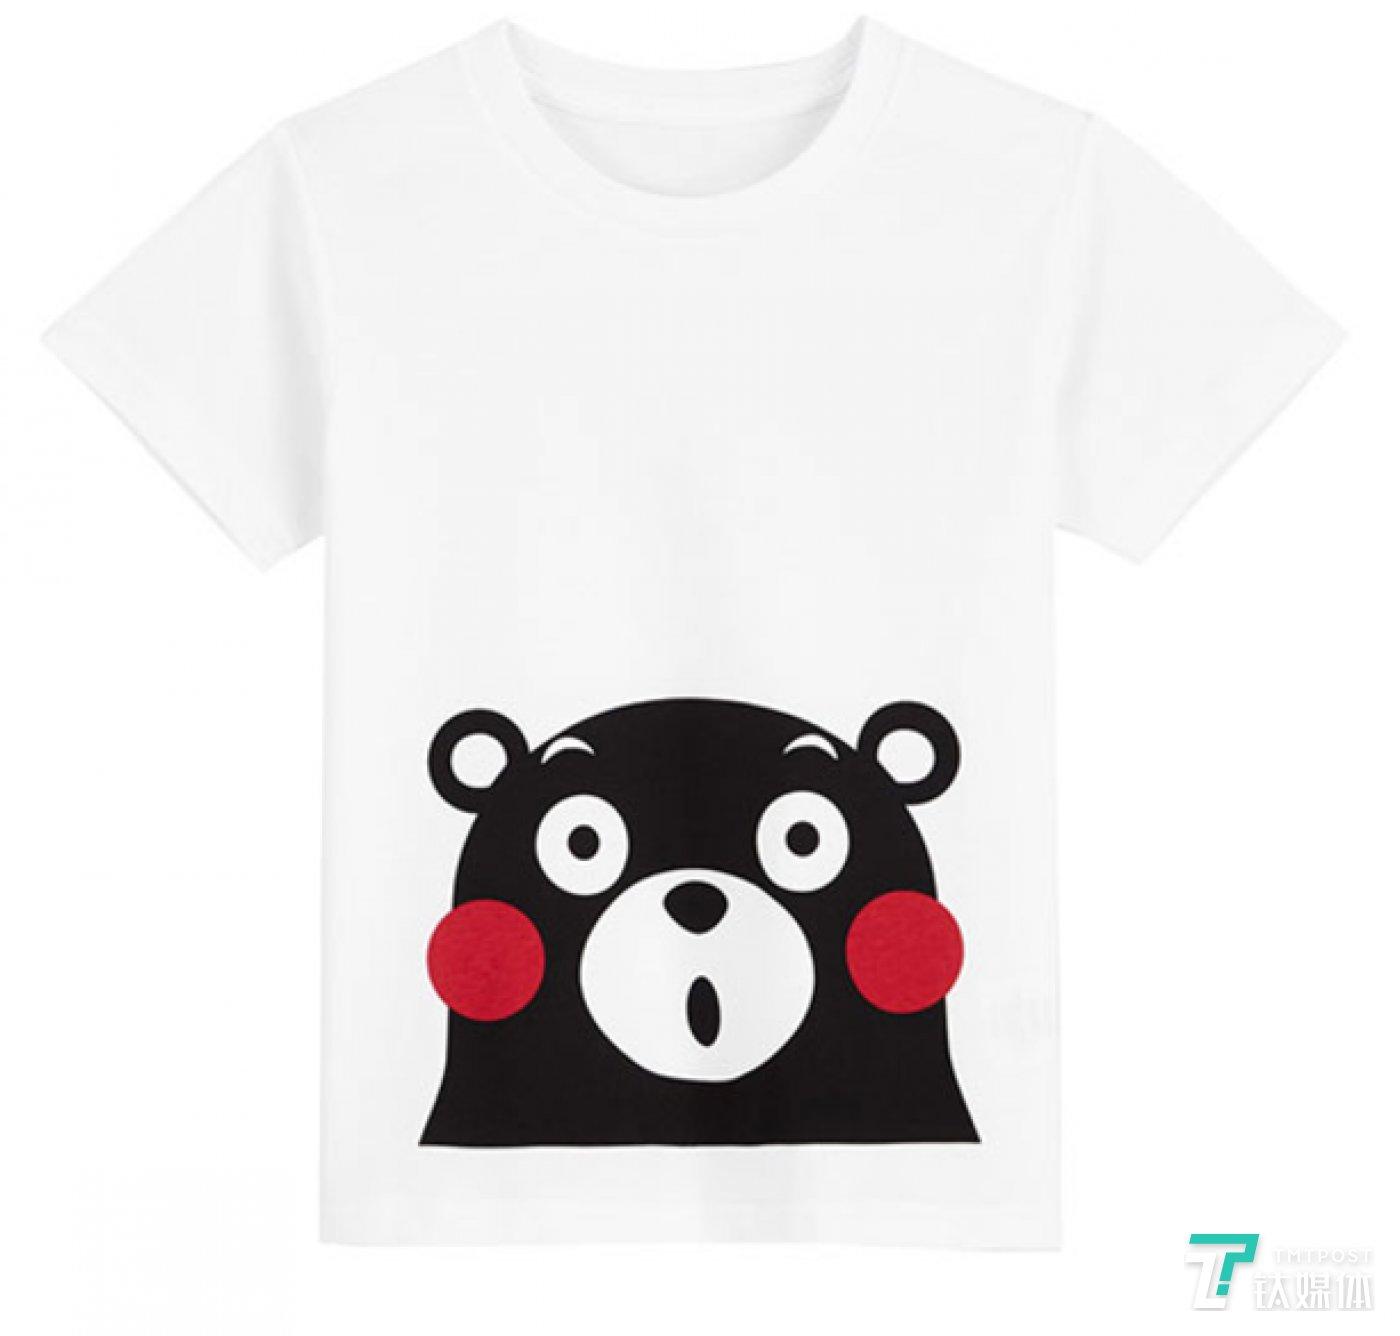 凡客熊本熊系列 T恤